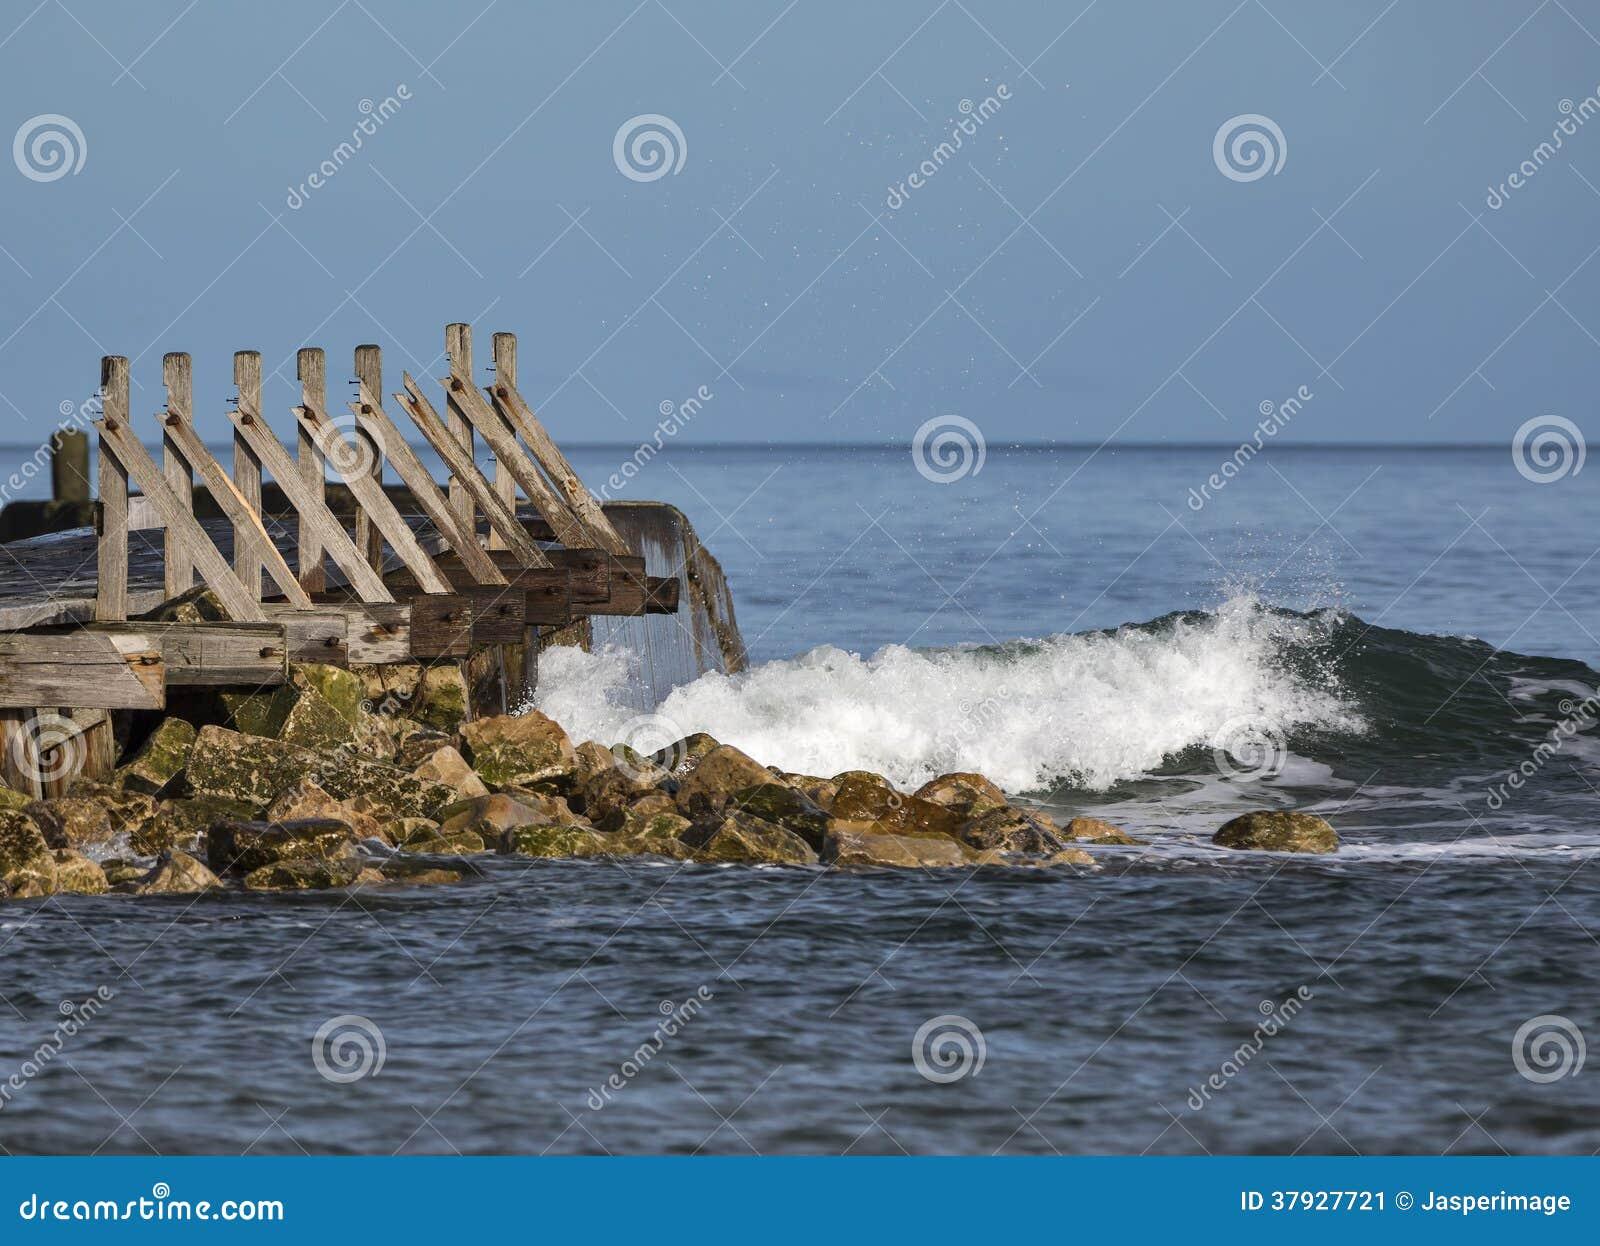 Brise-lames saisissant de vague de Lossiemouth.